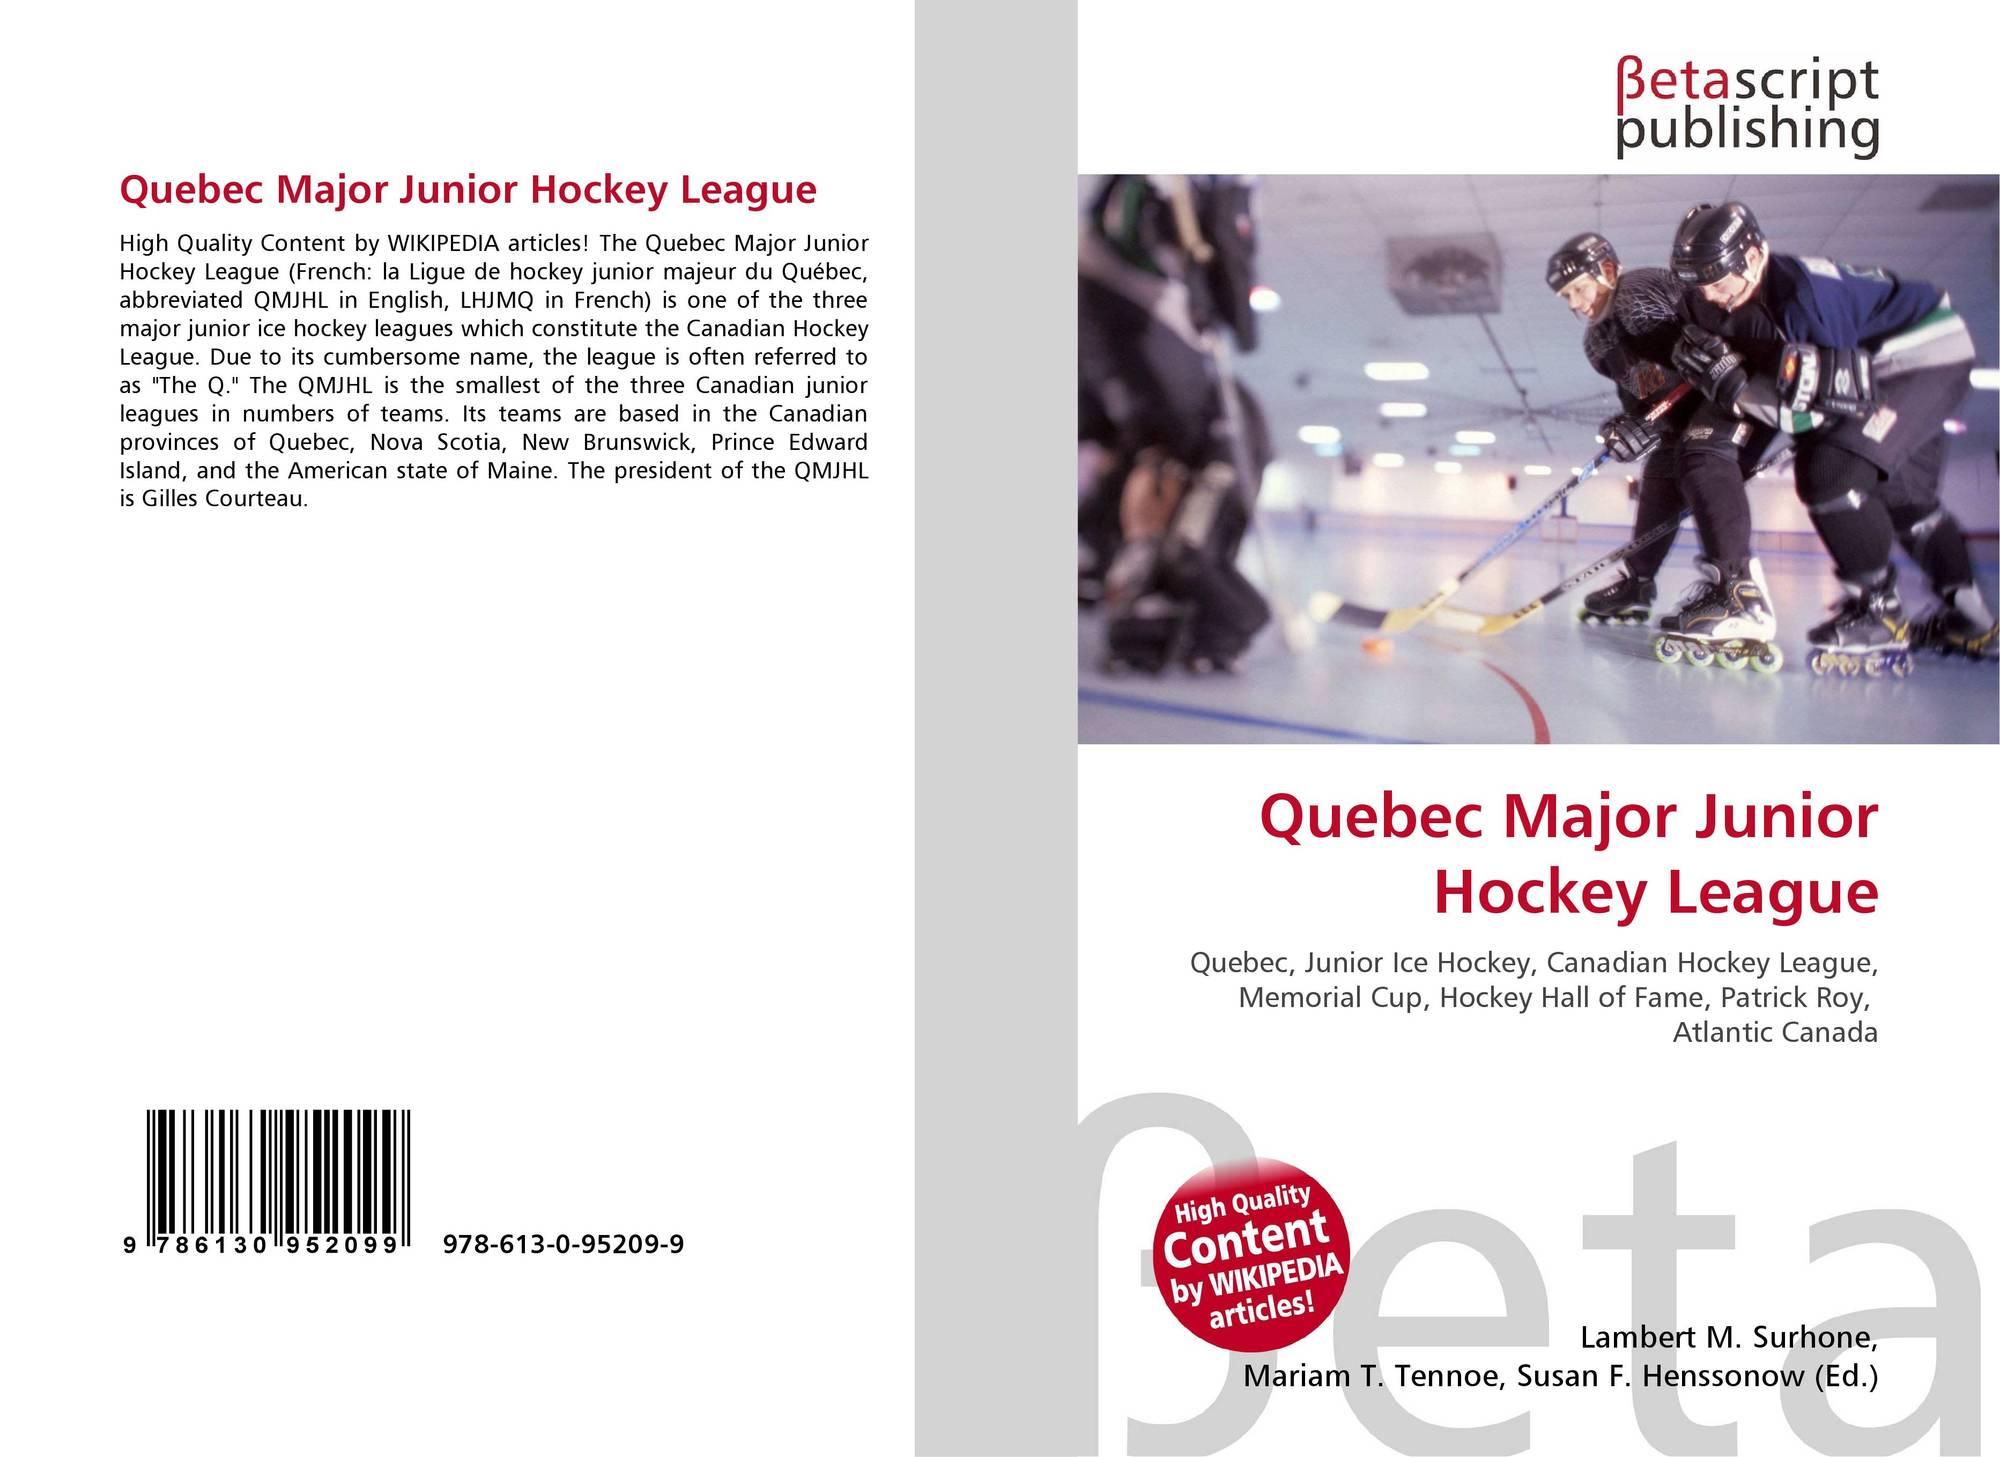 Quebec Major Junior Hockey League, 978-613-0-95209-9